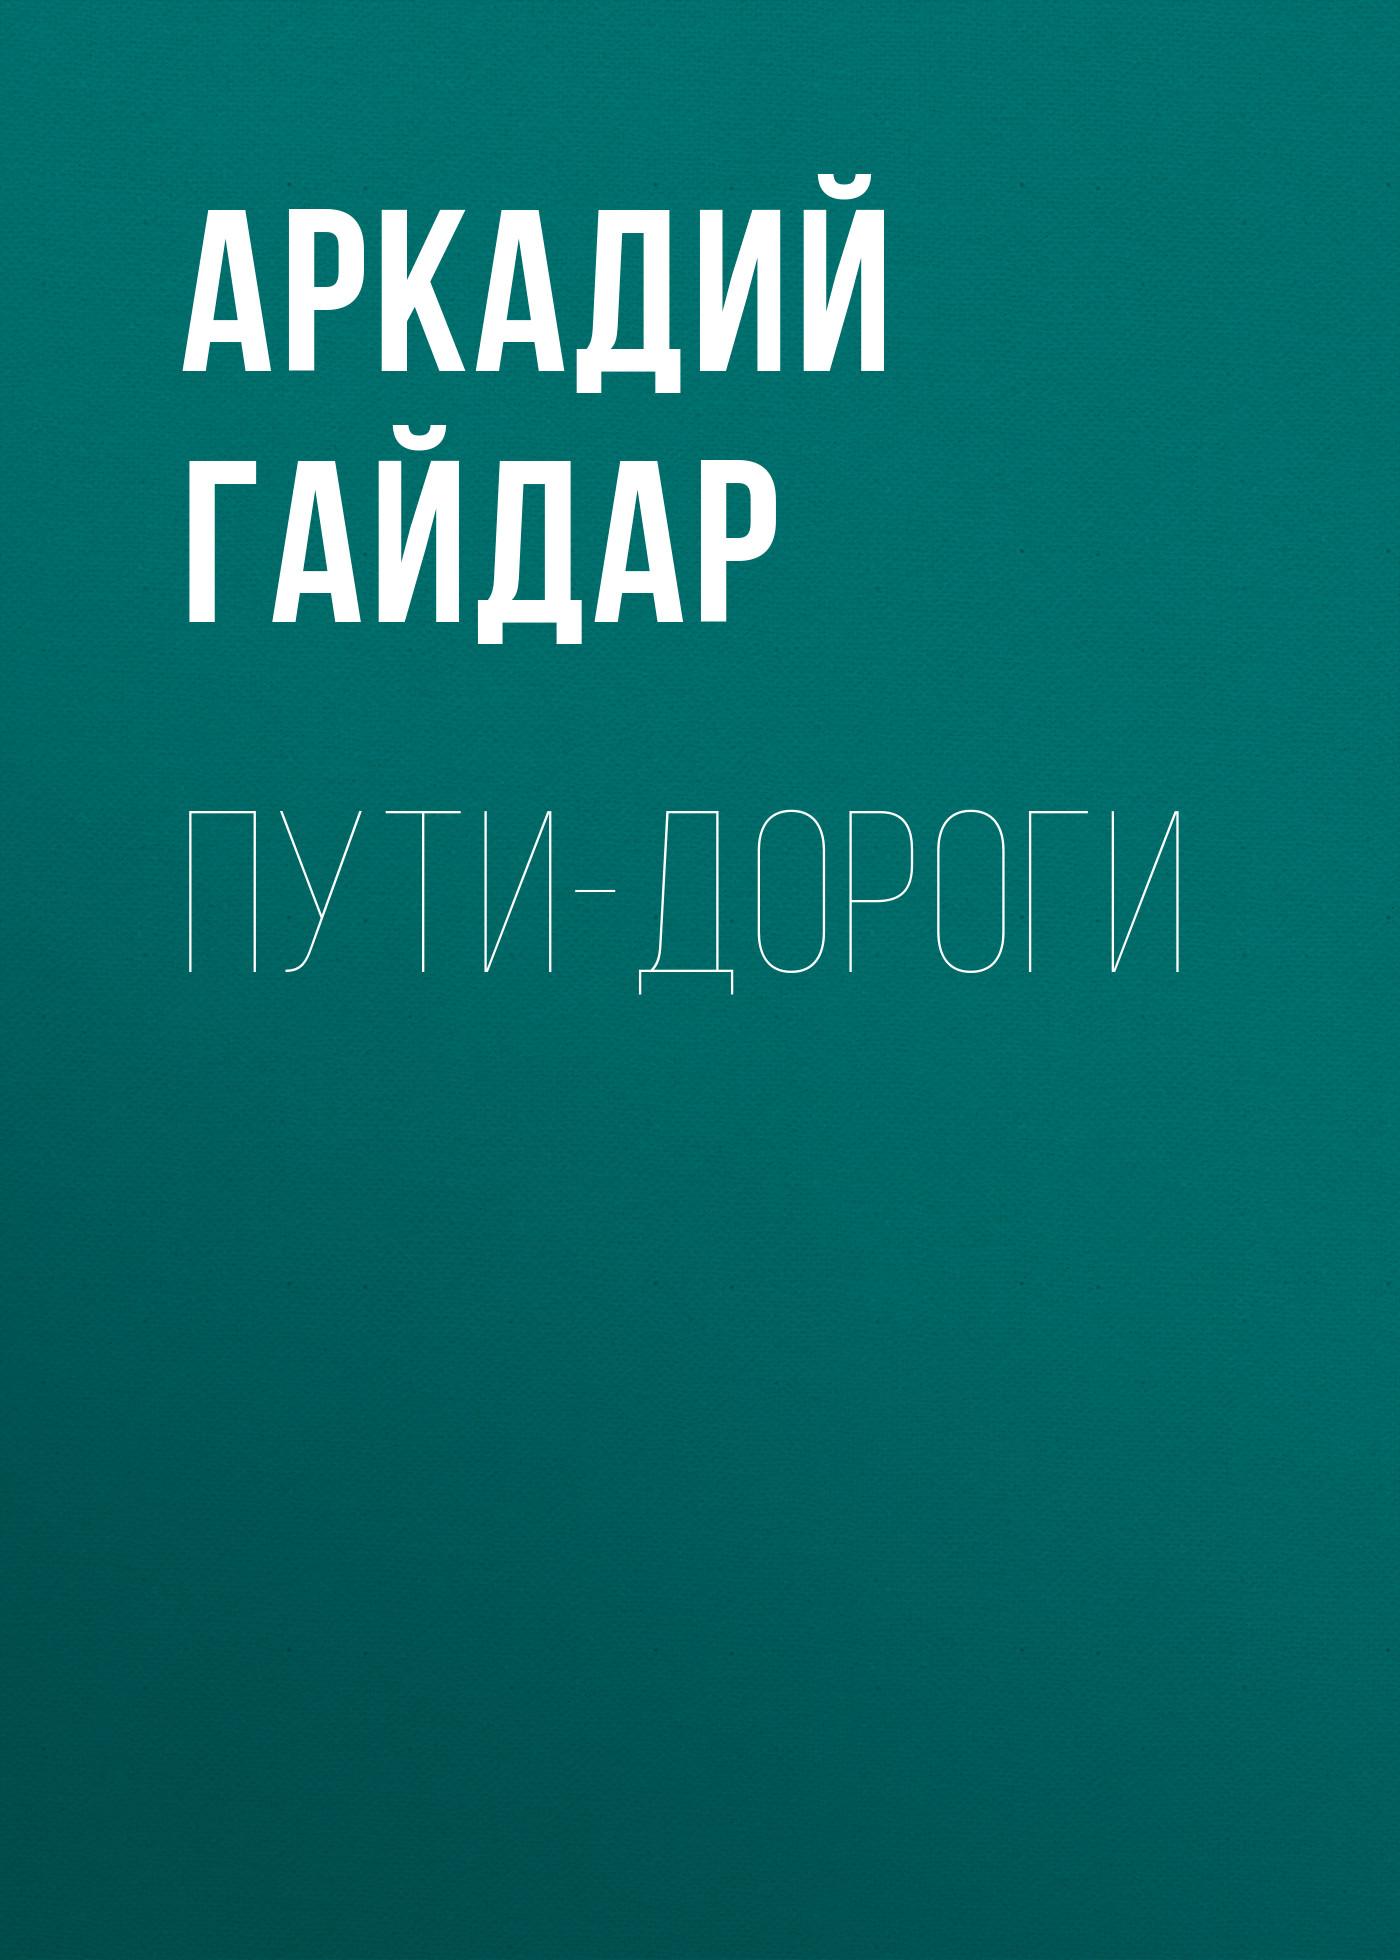 Пути-дороги